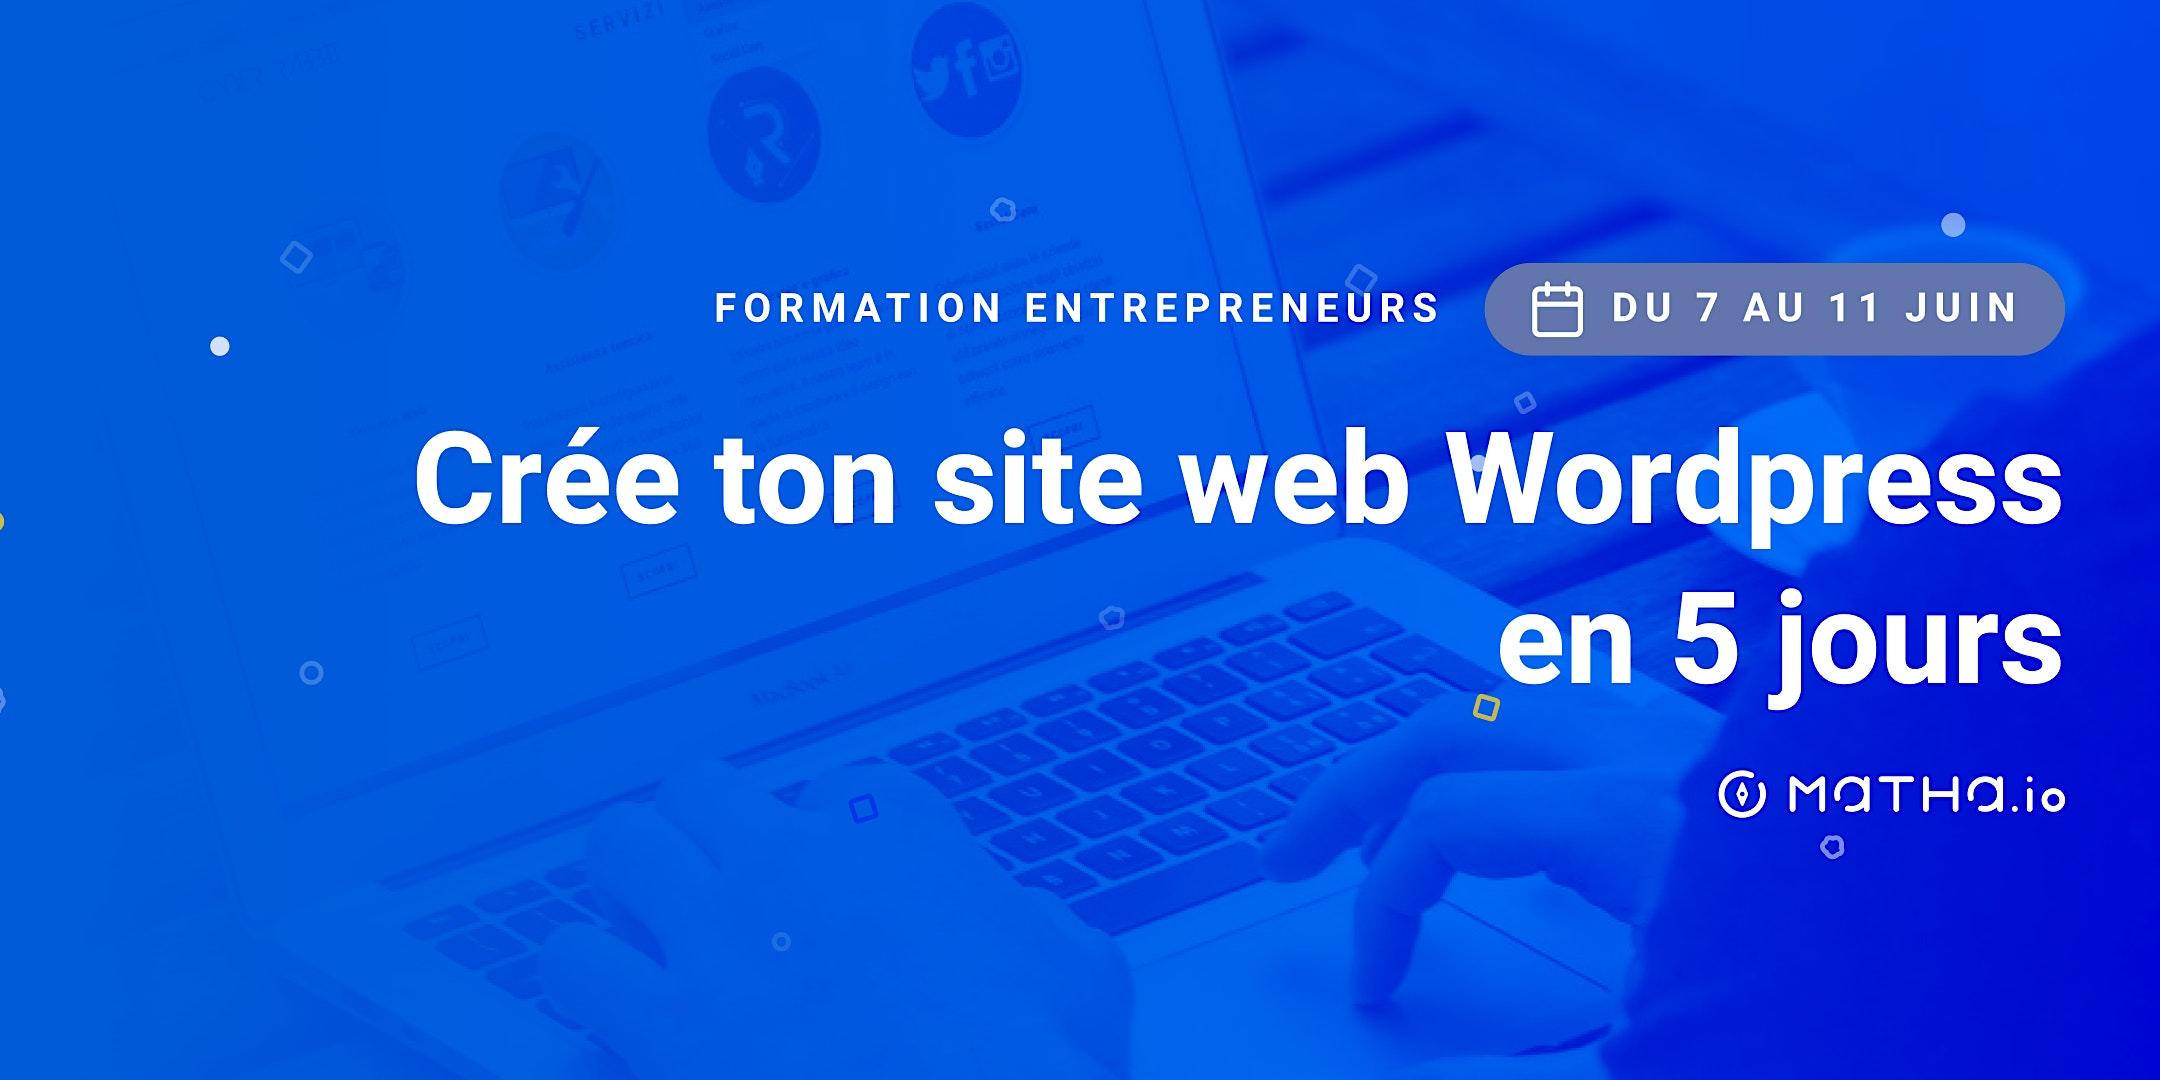 [FORMATION] Crée ton site en 5 jours sur Wordpress (juin)